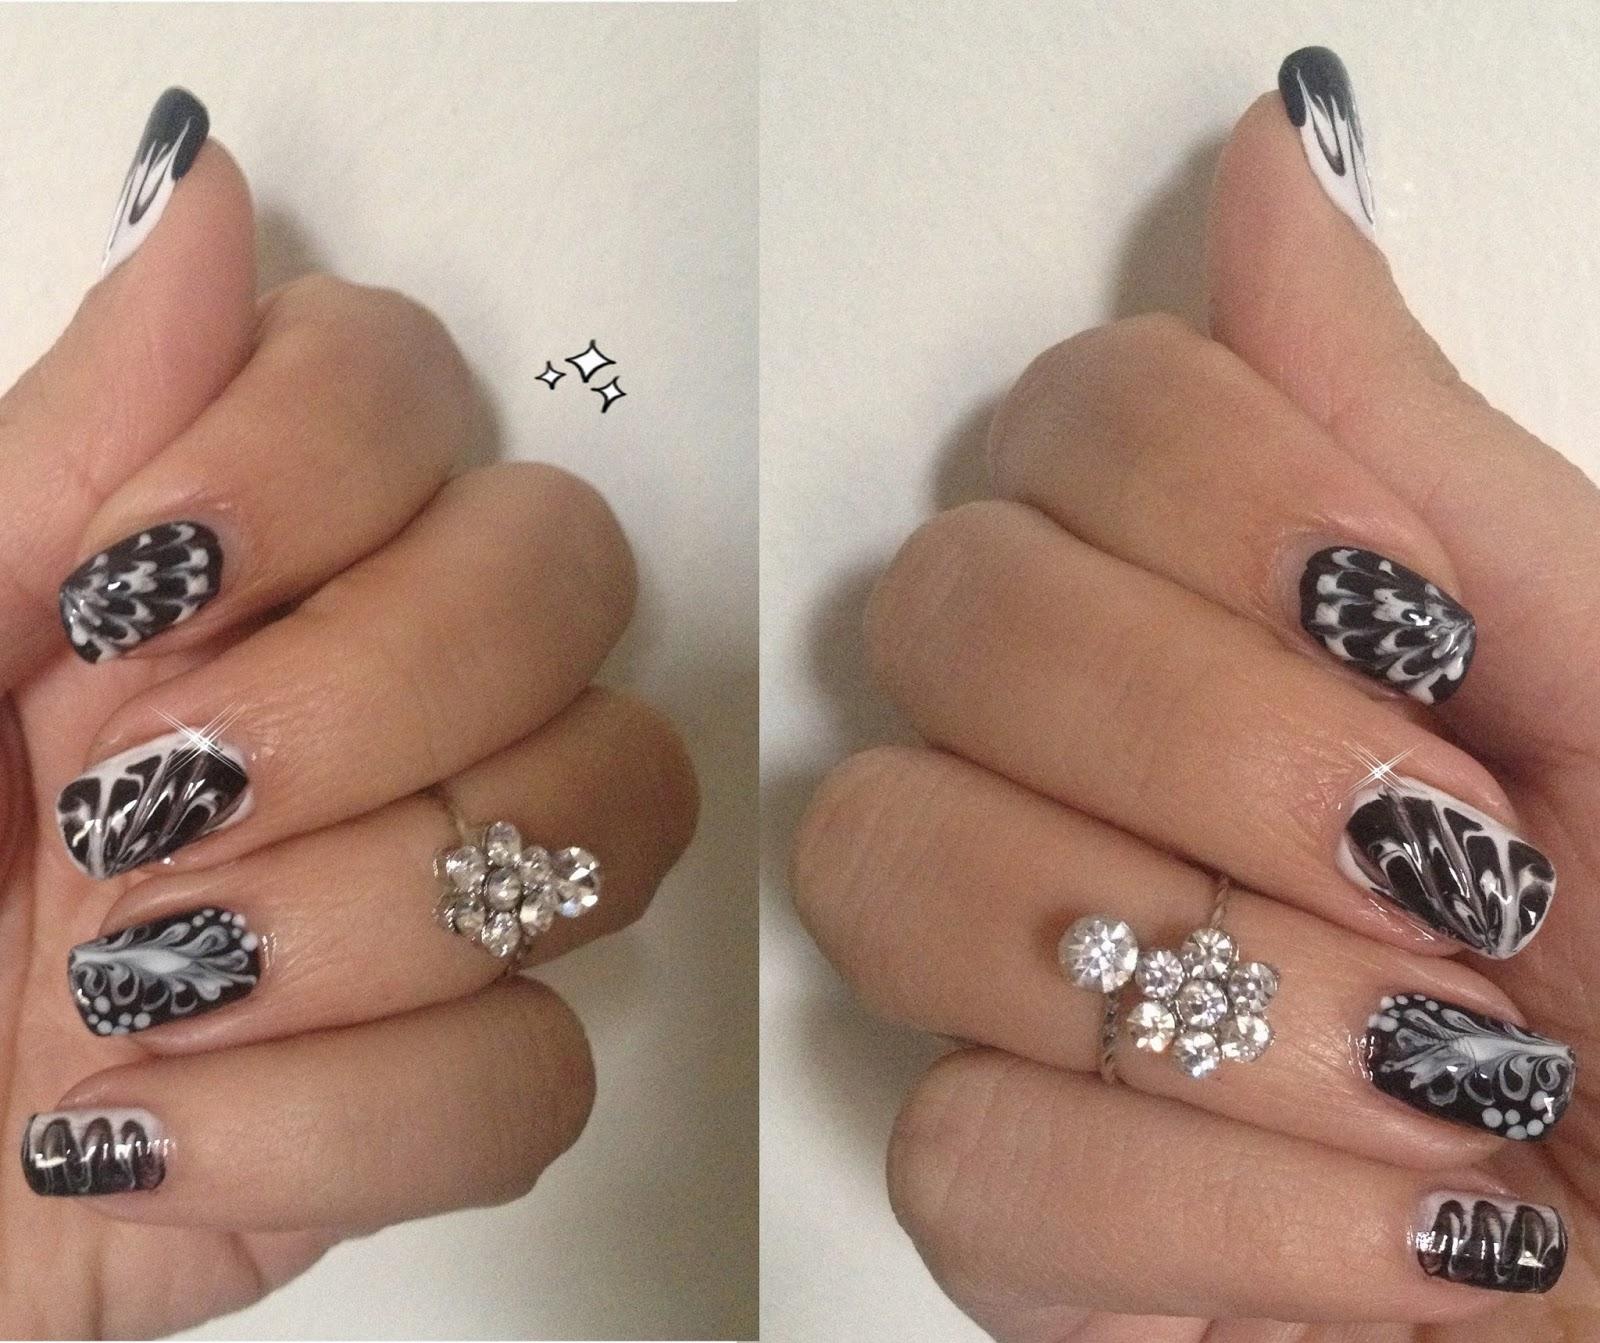 Nail Art Simple Sans Materiel: Pretty Pretty : Nail Art Noir Et Blanc Super Facile Sans